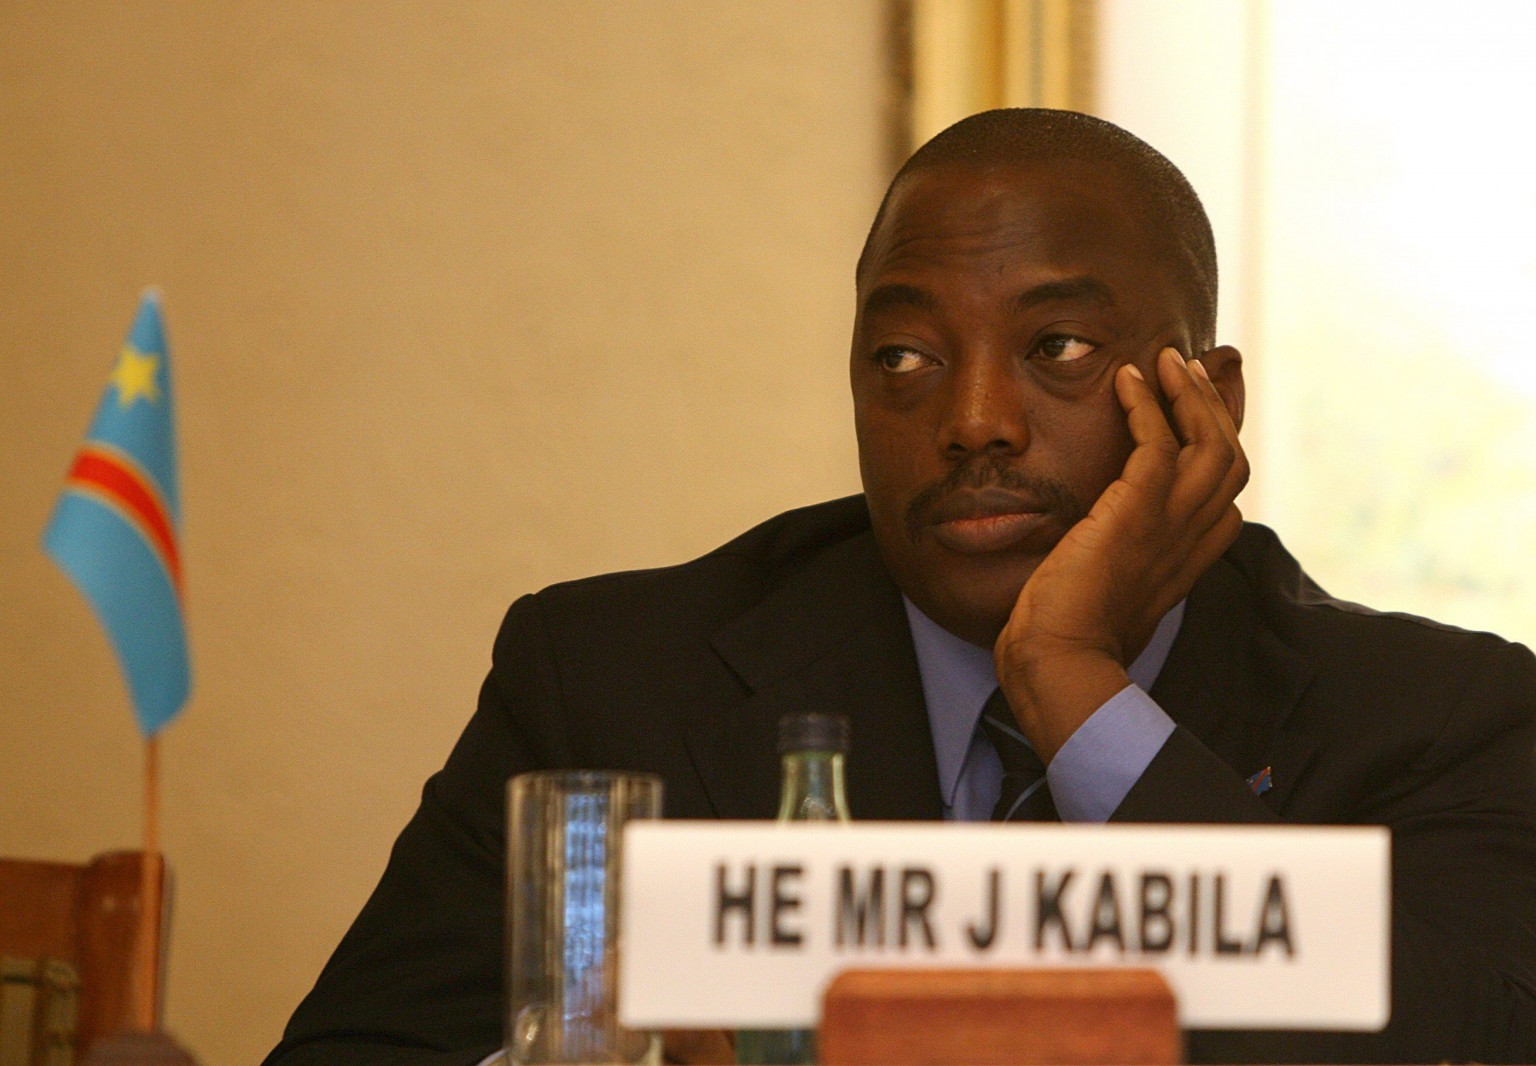 Les pro-Kabila mettent en cause Bemba et son éligibilité — RDC